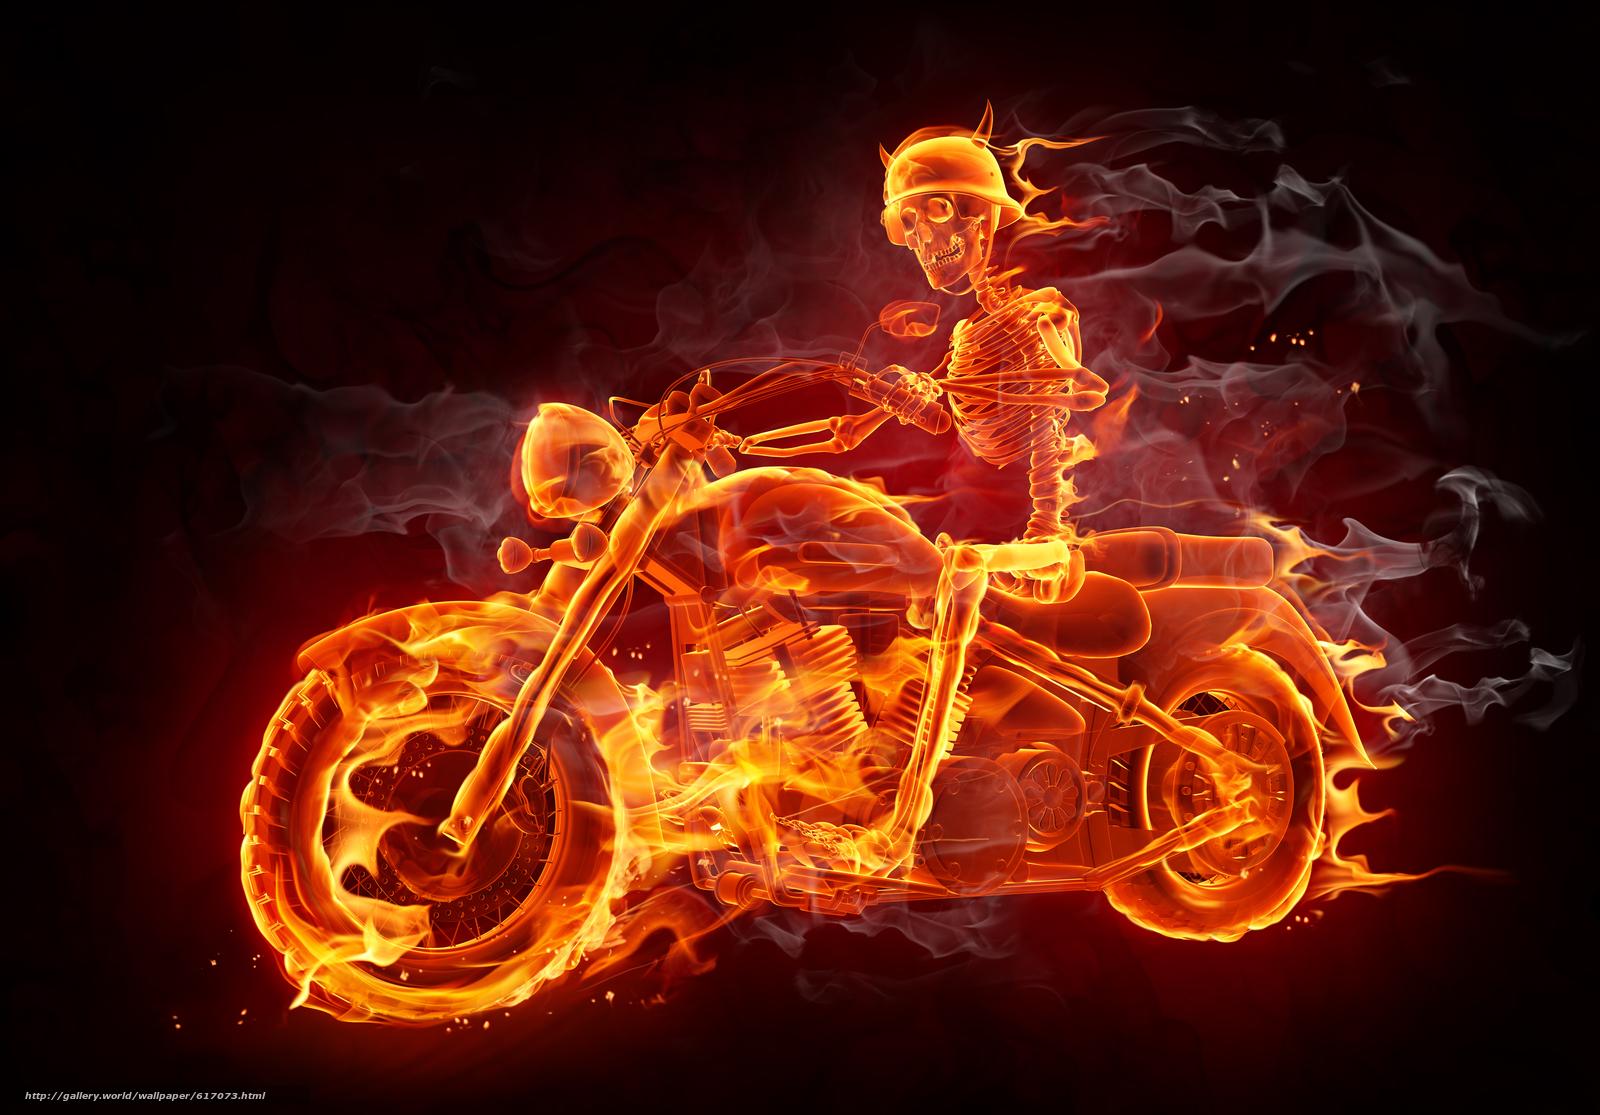 Скачать обои Fire,  Smoke,  Biker бесплатно для рабочего стола в разрешении 5465x3809 — картинка №617073